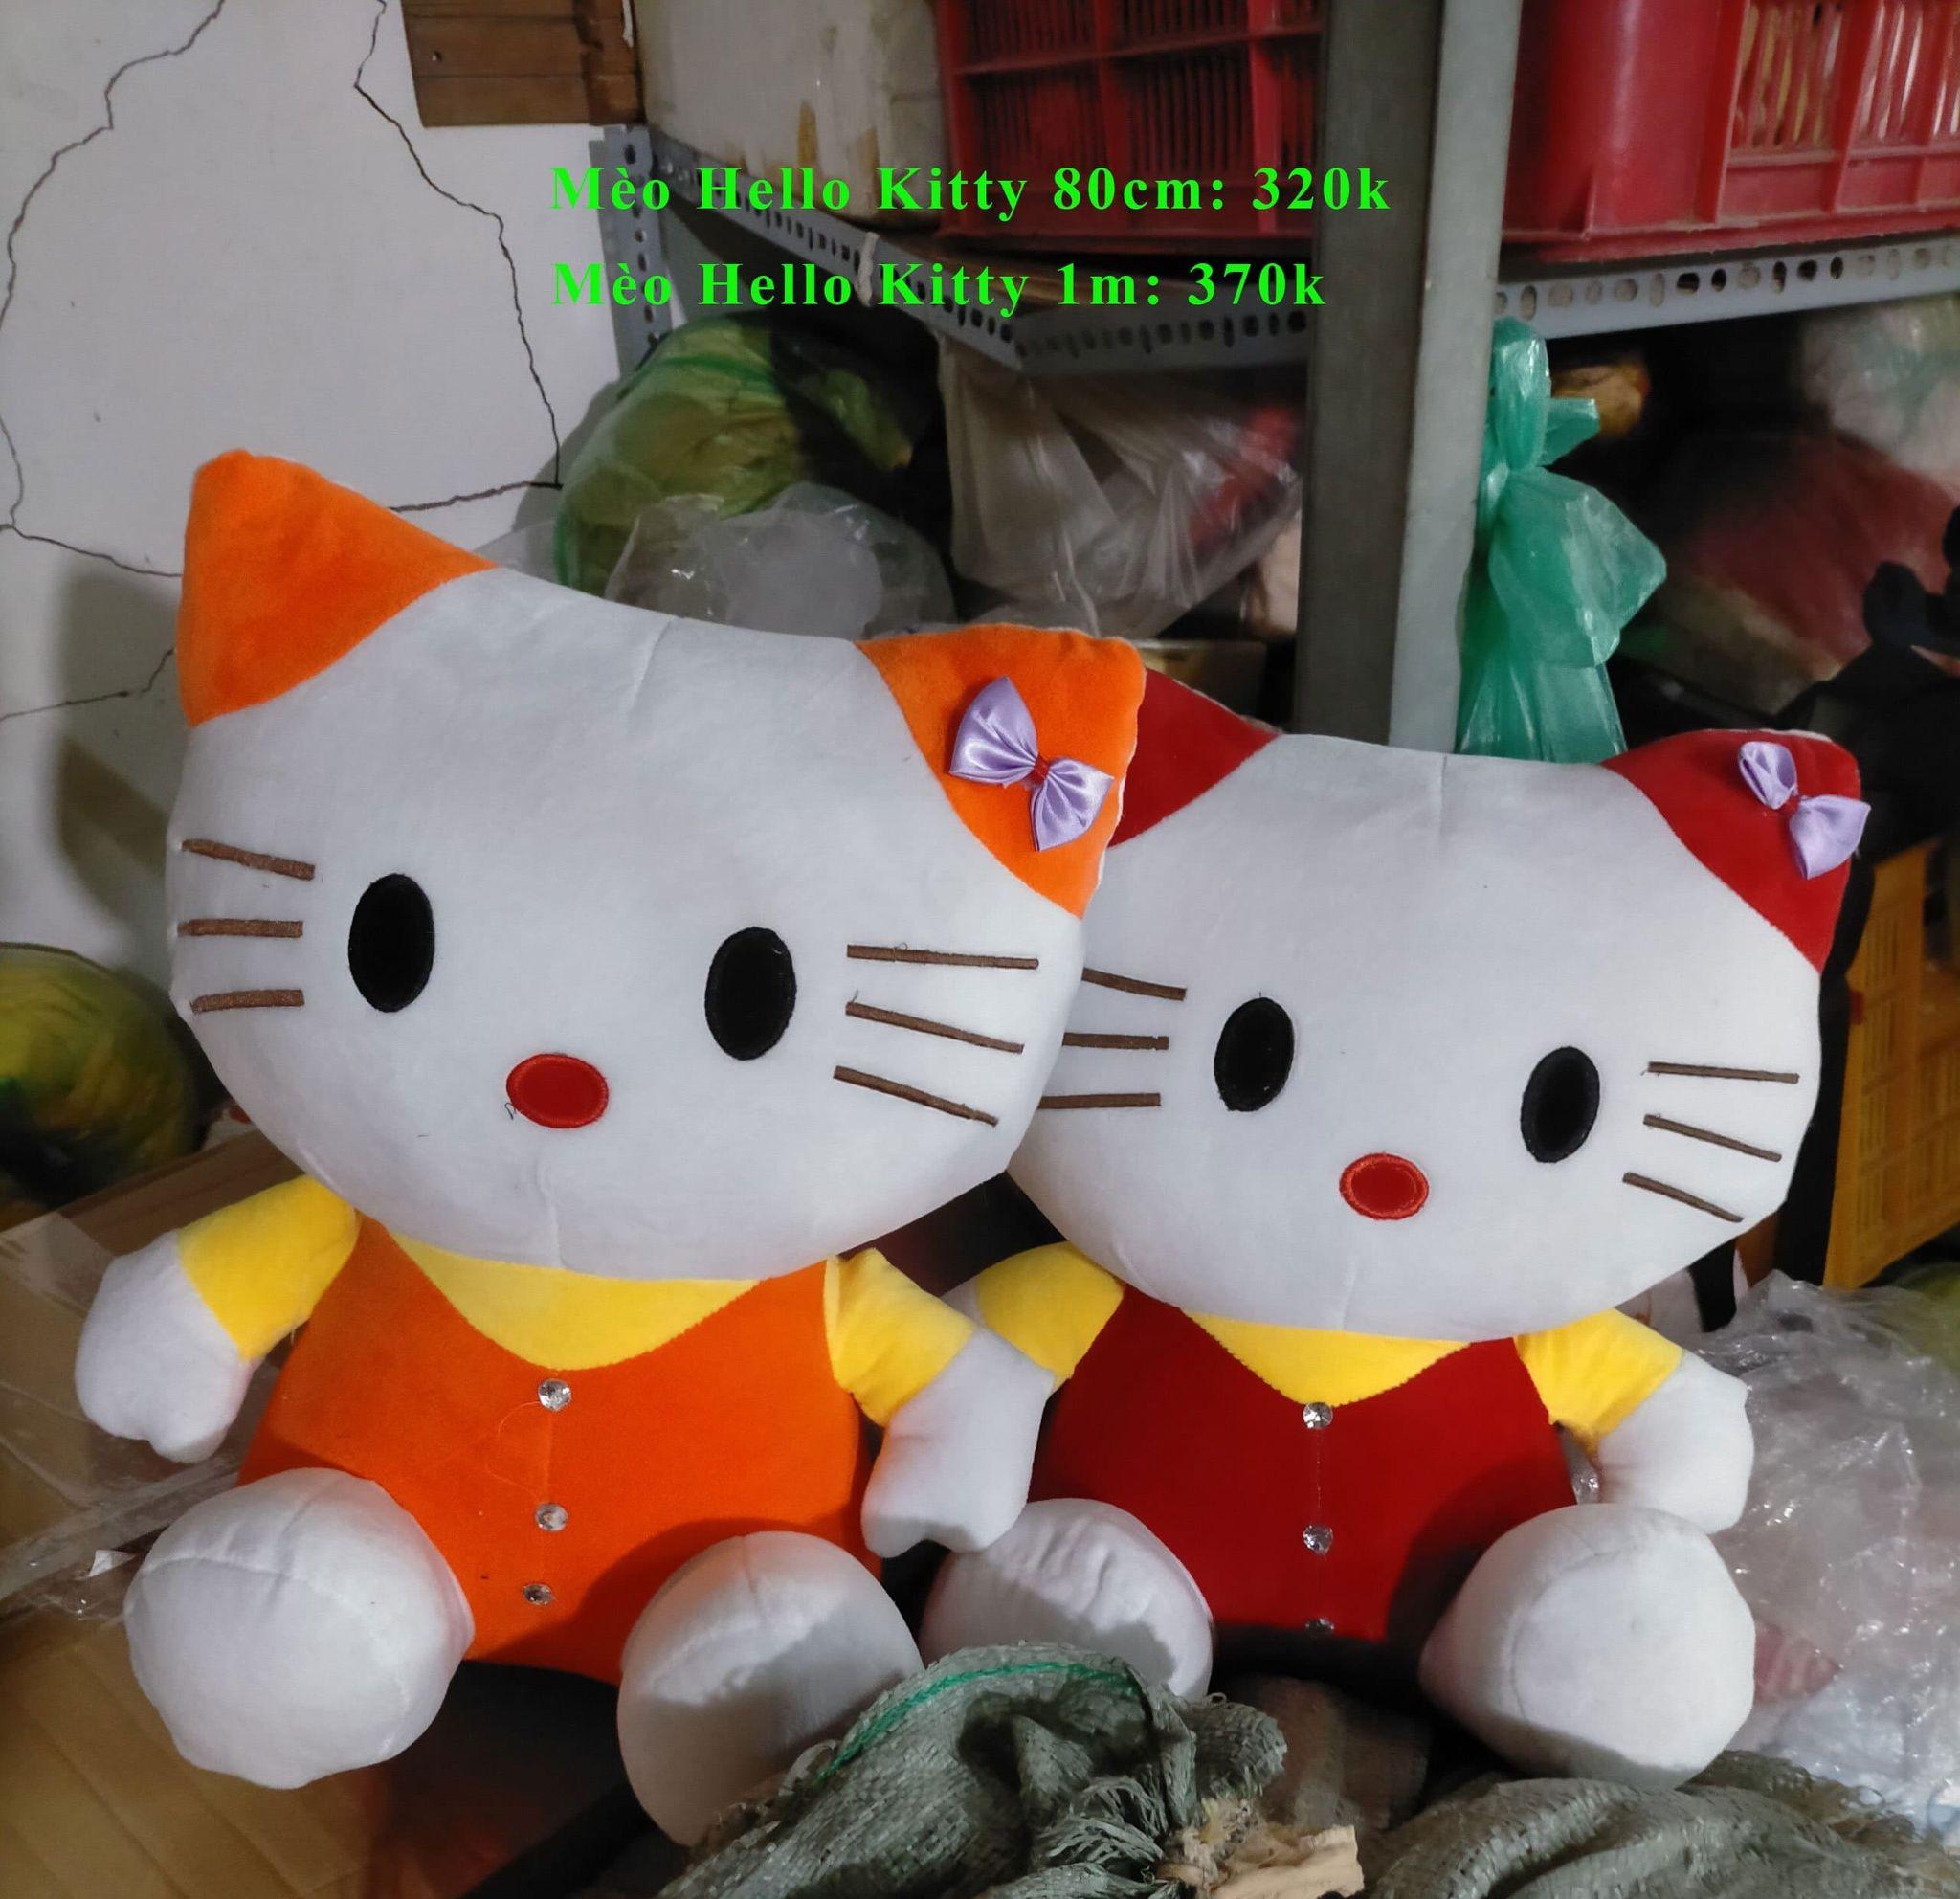 Shop Bán Gấu Bông Mèo Hello Kitty Giá Rẻ Tại TPHCM